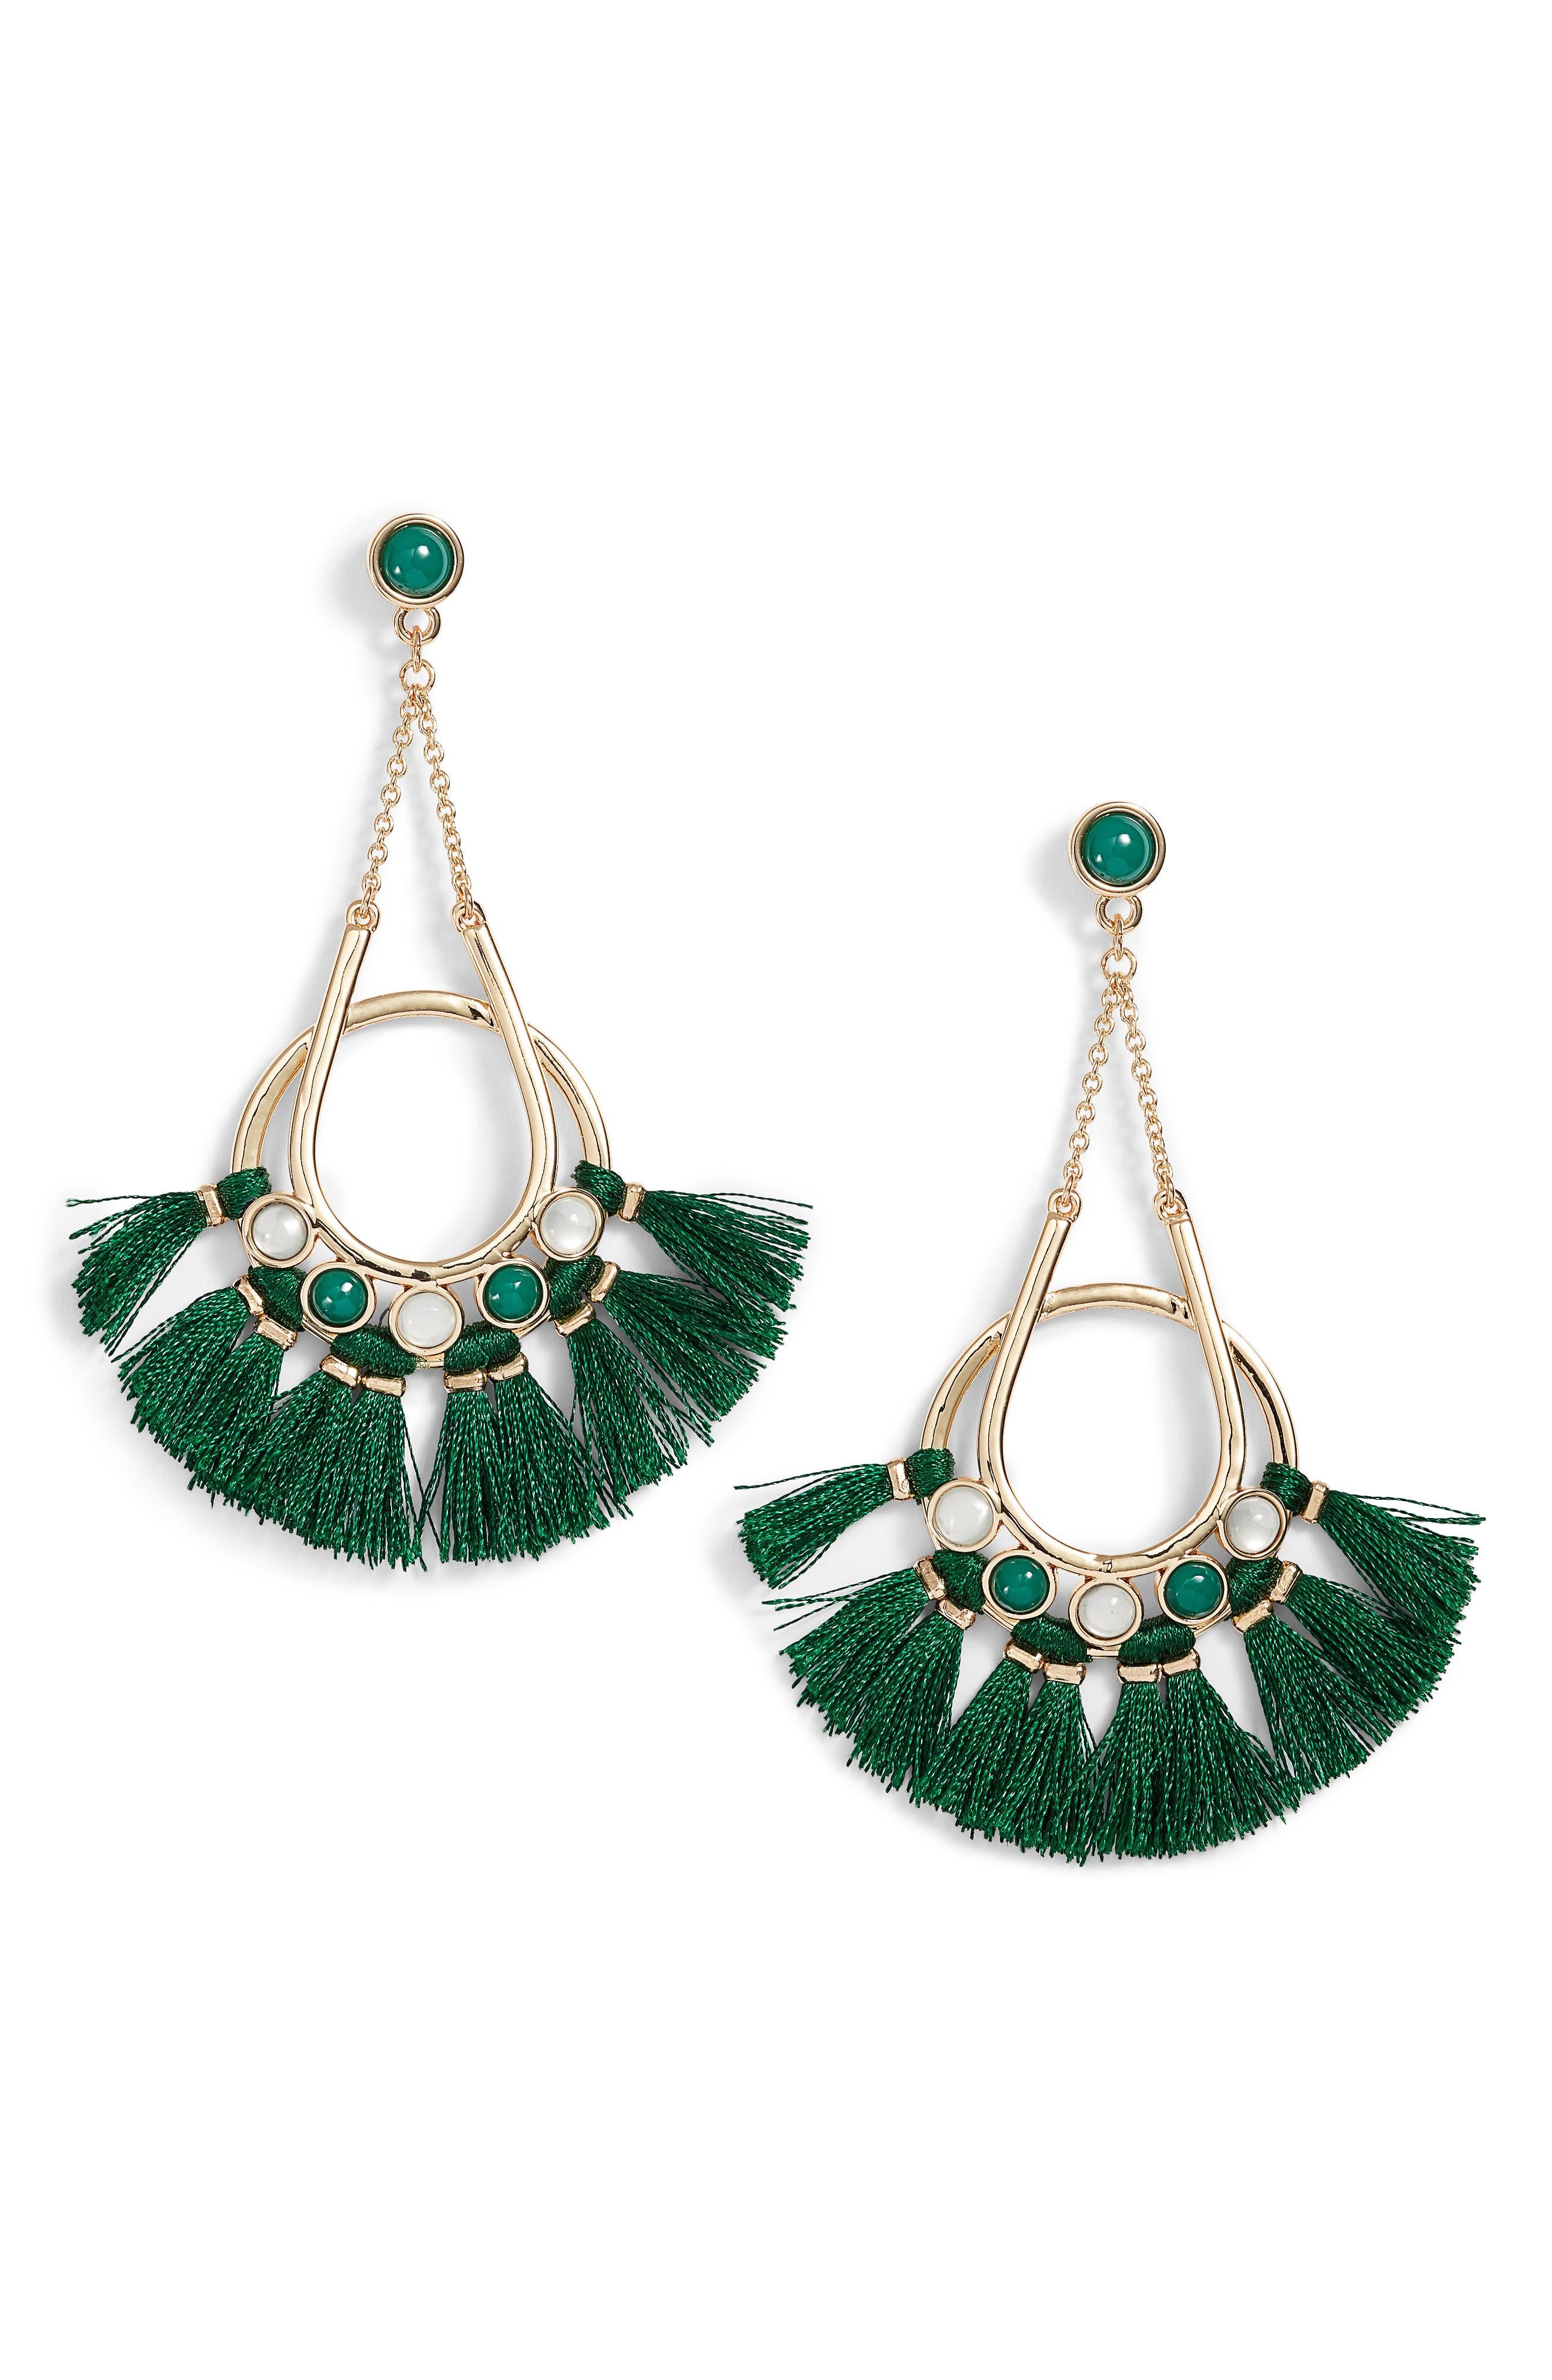 Utopia Tassel Chandelier Earrings,                         Main,                         color, Gold/ Green Tassels